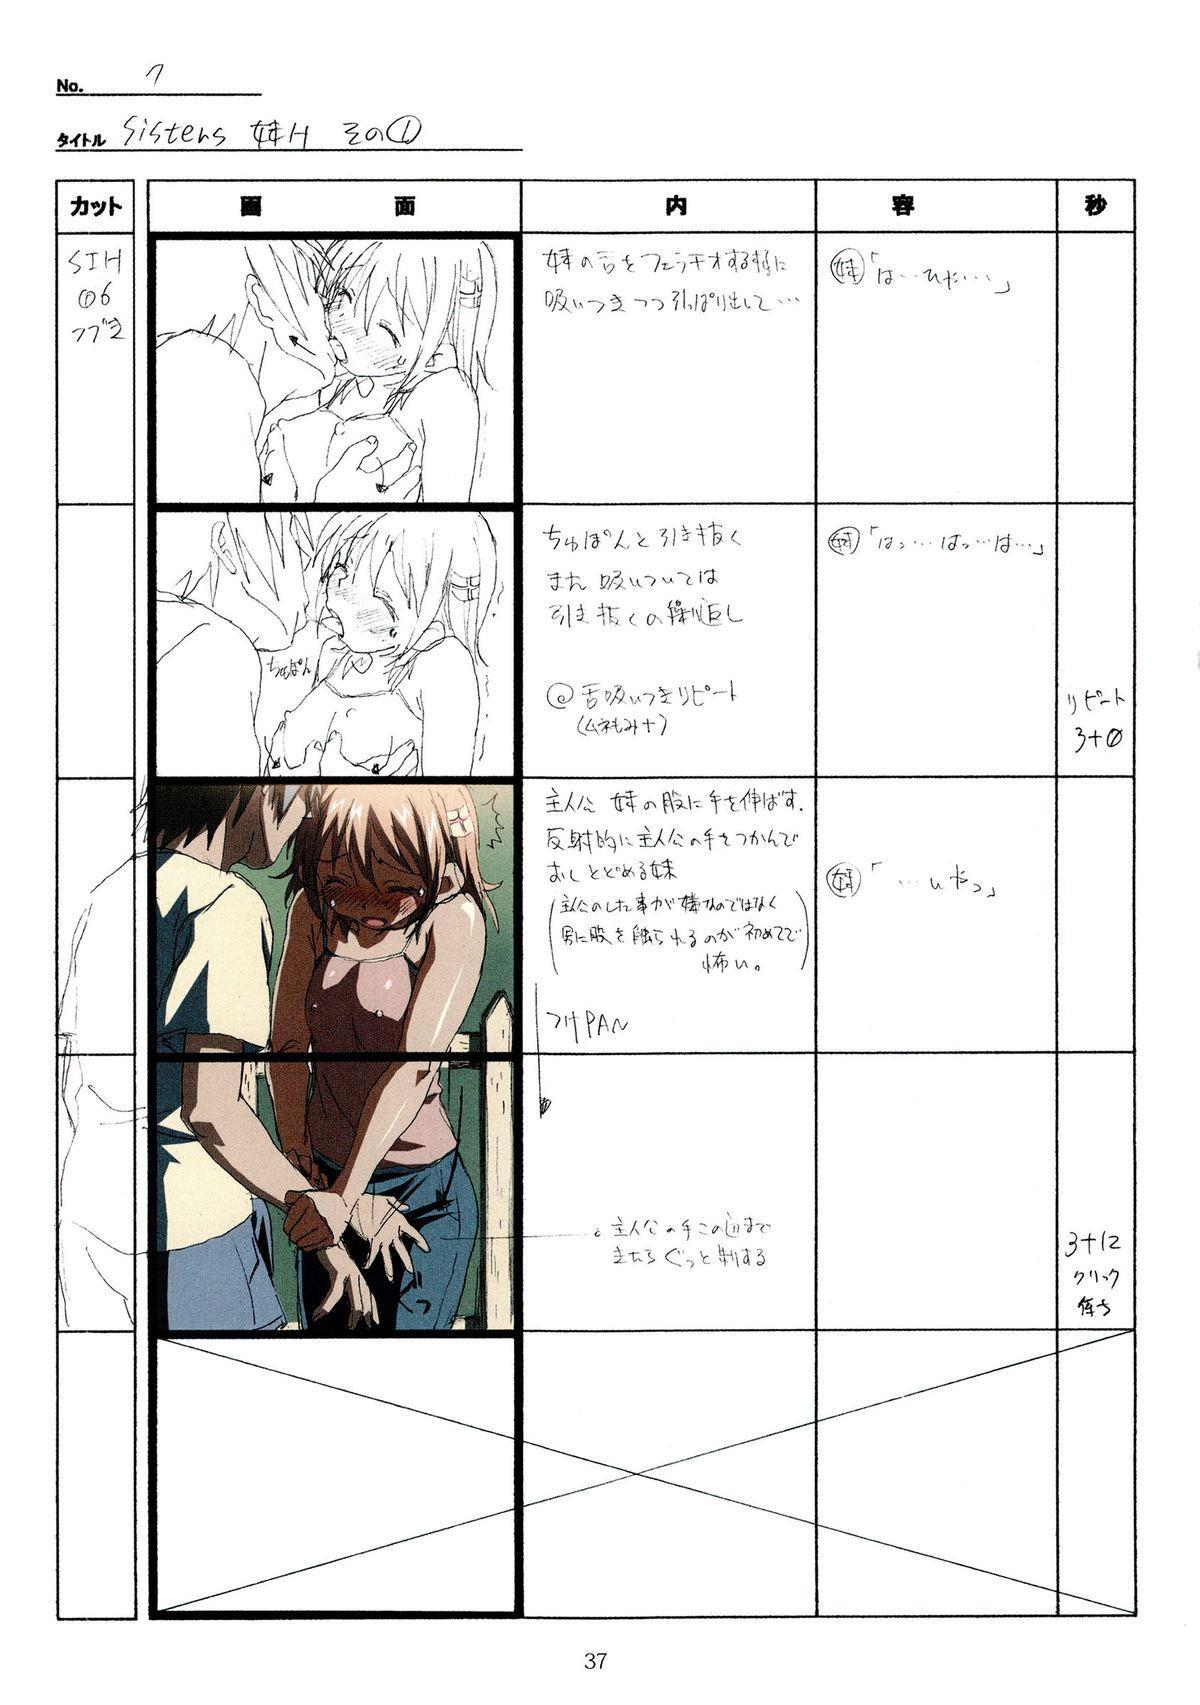 (C89) [Makino Jimusho (Taki Minashika)] SISTERS -Natsu no Saigo no Hi- H Scene All Part Storyboard (SISTERS -Natsu no Saigo no Hi-) 36